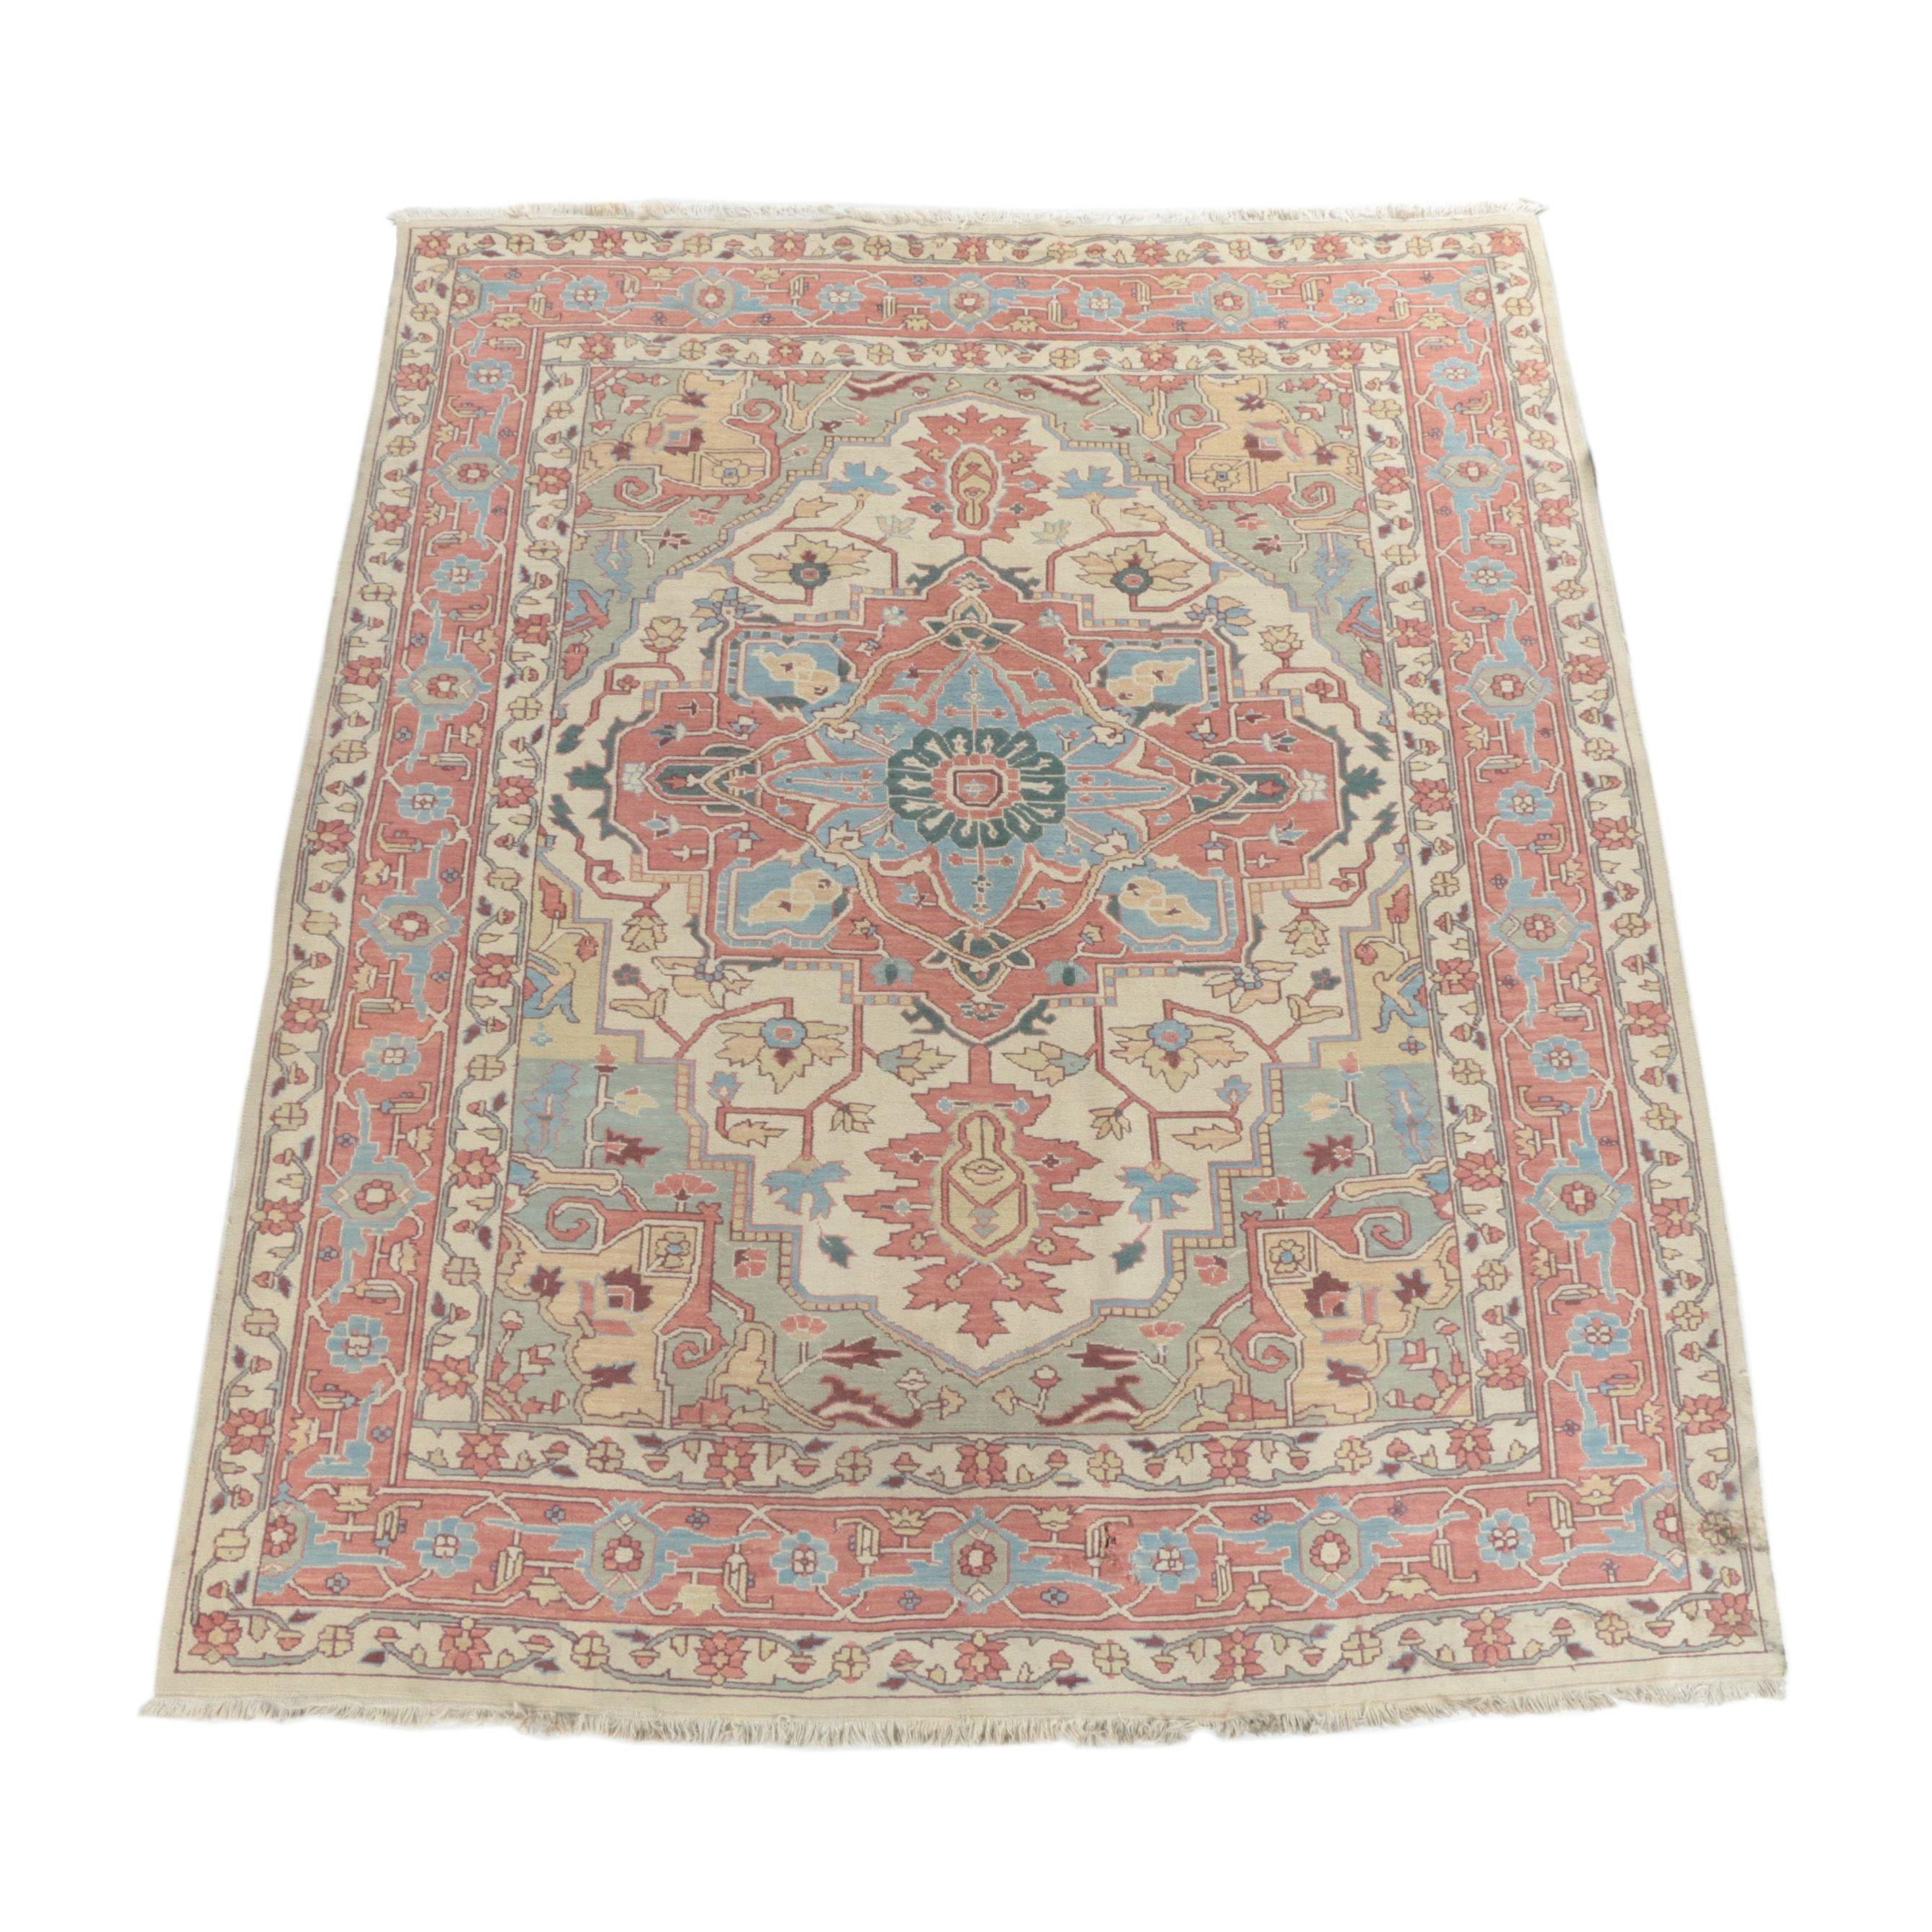 Handwoven Persian Heriz Serapi Soumak Rug